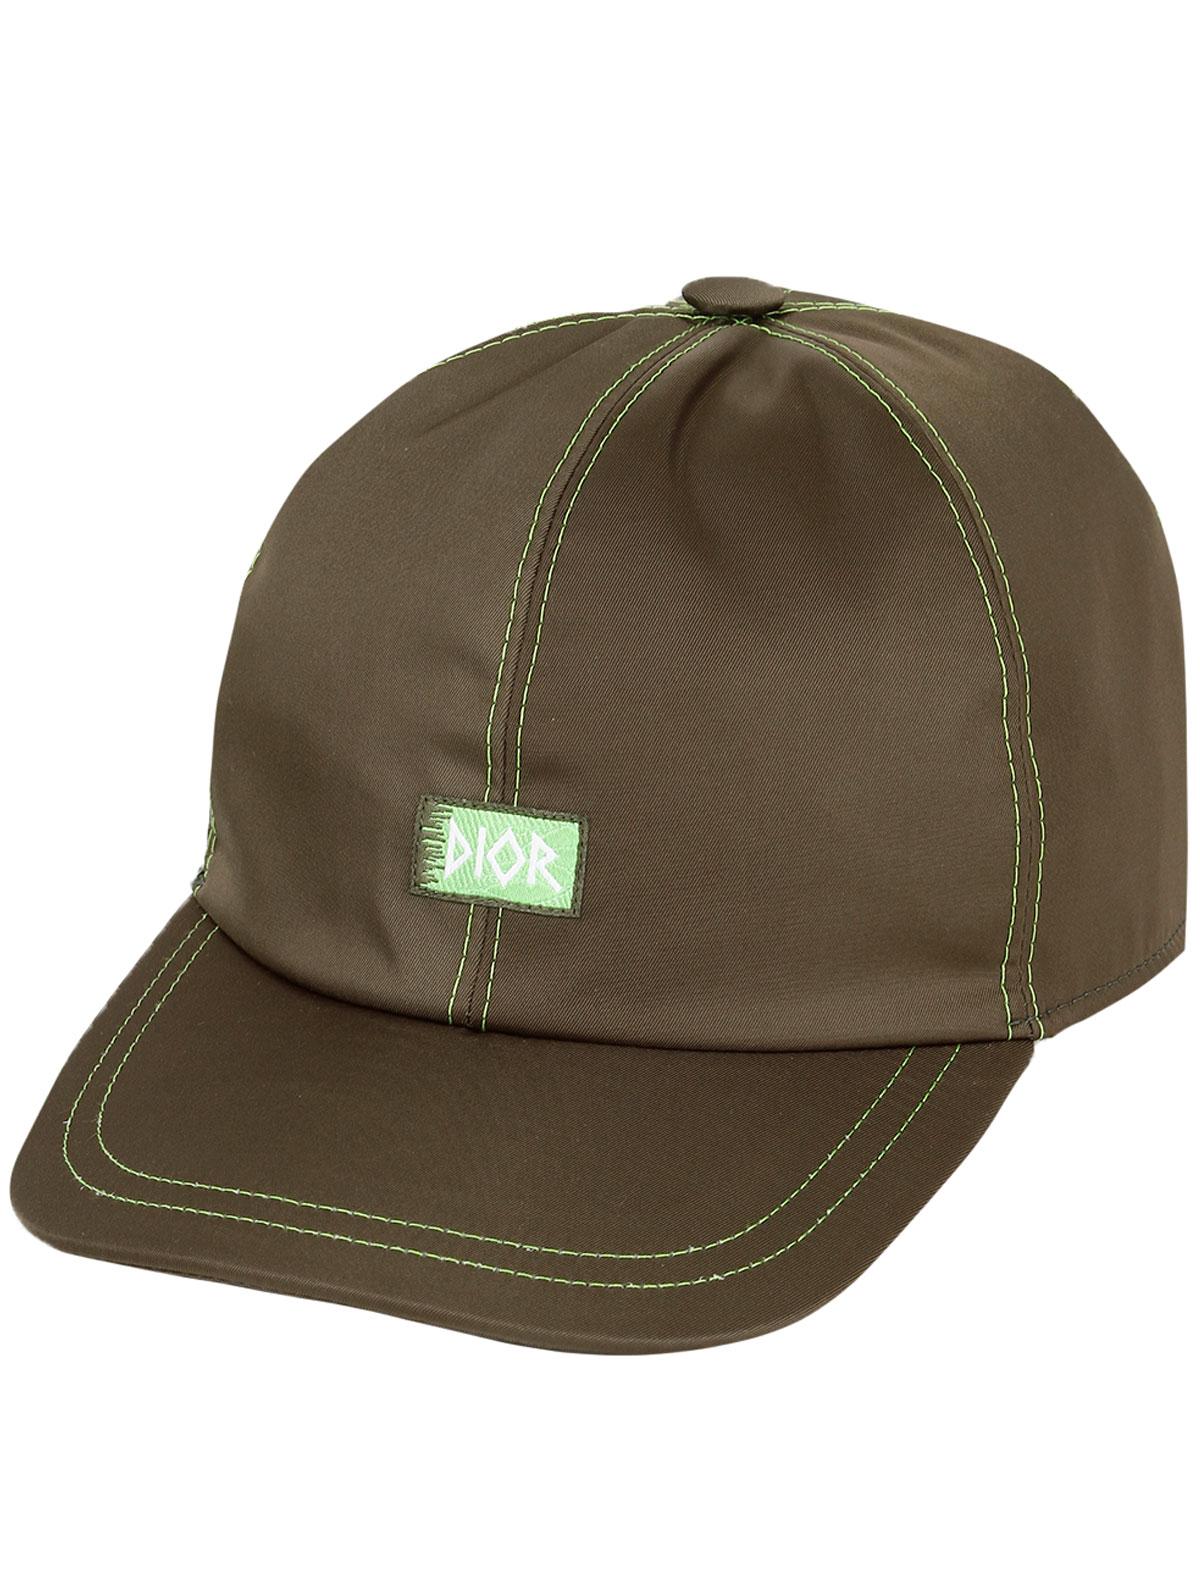 Купить 2172730, Кепка Dior, зеленый, Мужской, 1184519070071